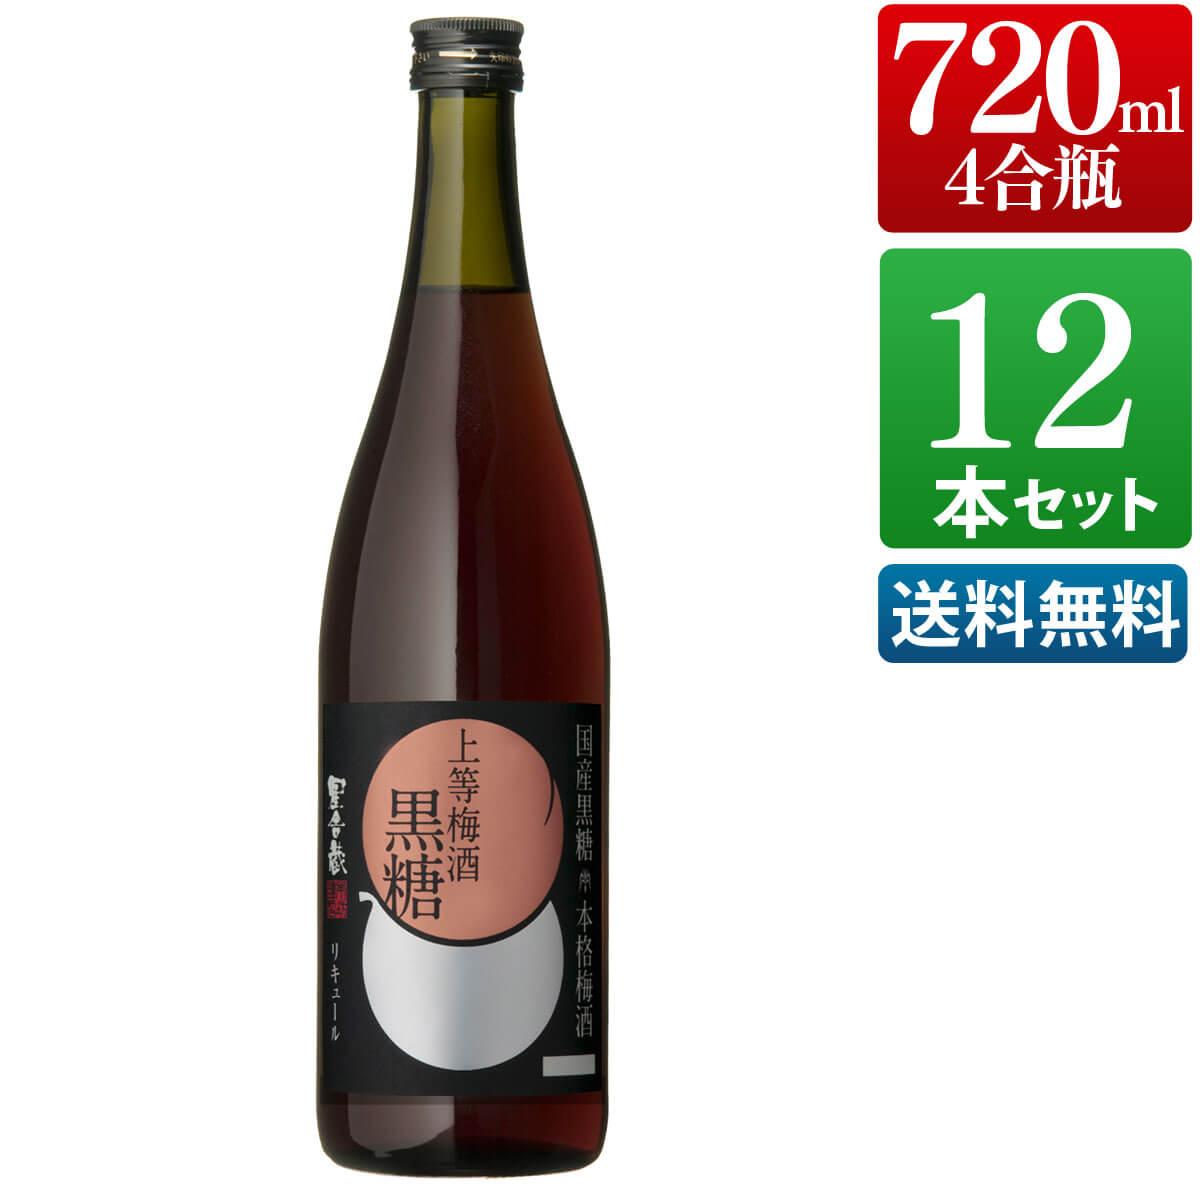 本格梅酒 12本セット 上等梅酒 黒糖 14度 720ml [ 本坊酒造 梅酒 / 送料無料 ]